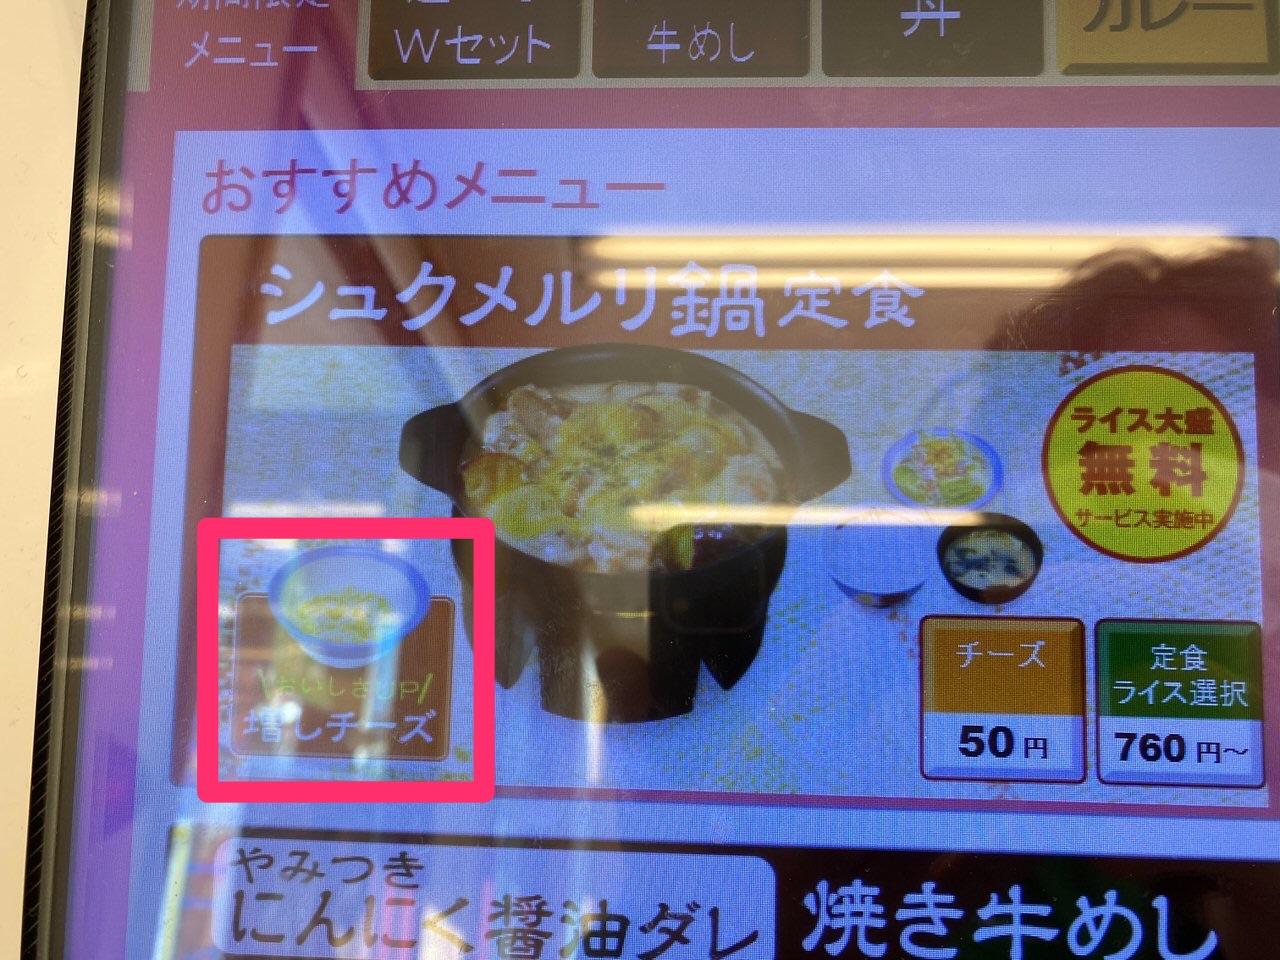 【松屋】復活した「シュクメルリ鍋」ニンニクチーズにさらに追いチーズ!最後の一口まで美味すぎた! 01